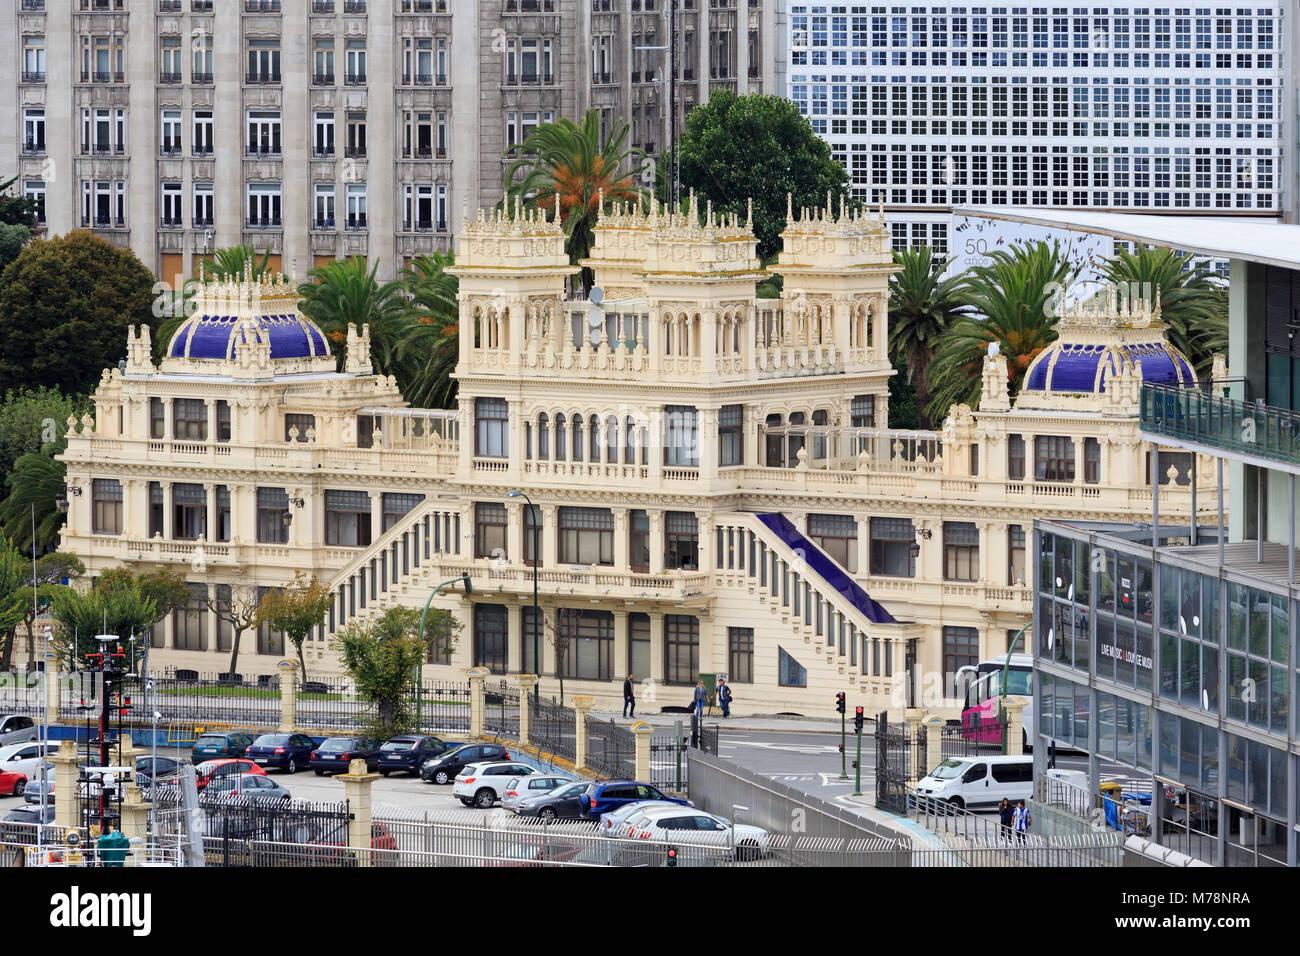 Terraza Edificio, La Ciudad de La Coruña, Galicia, España, Europa Imagen De Stock